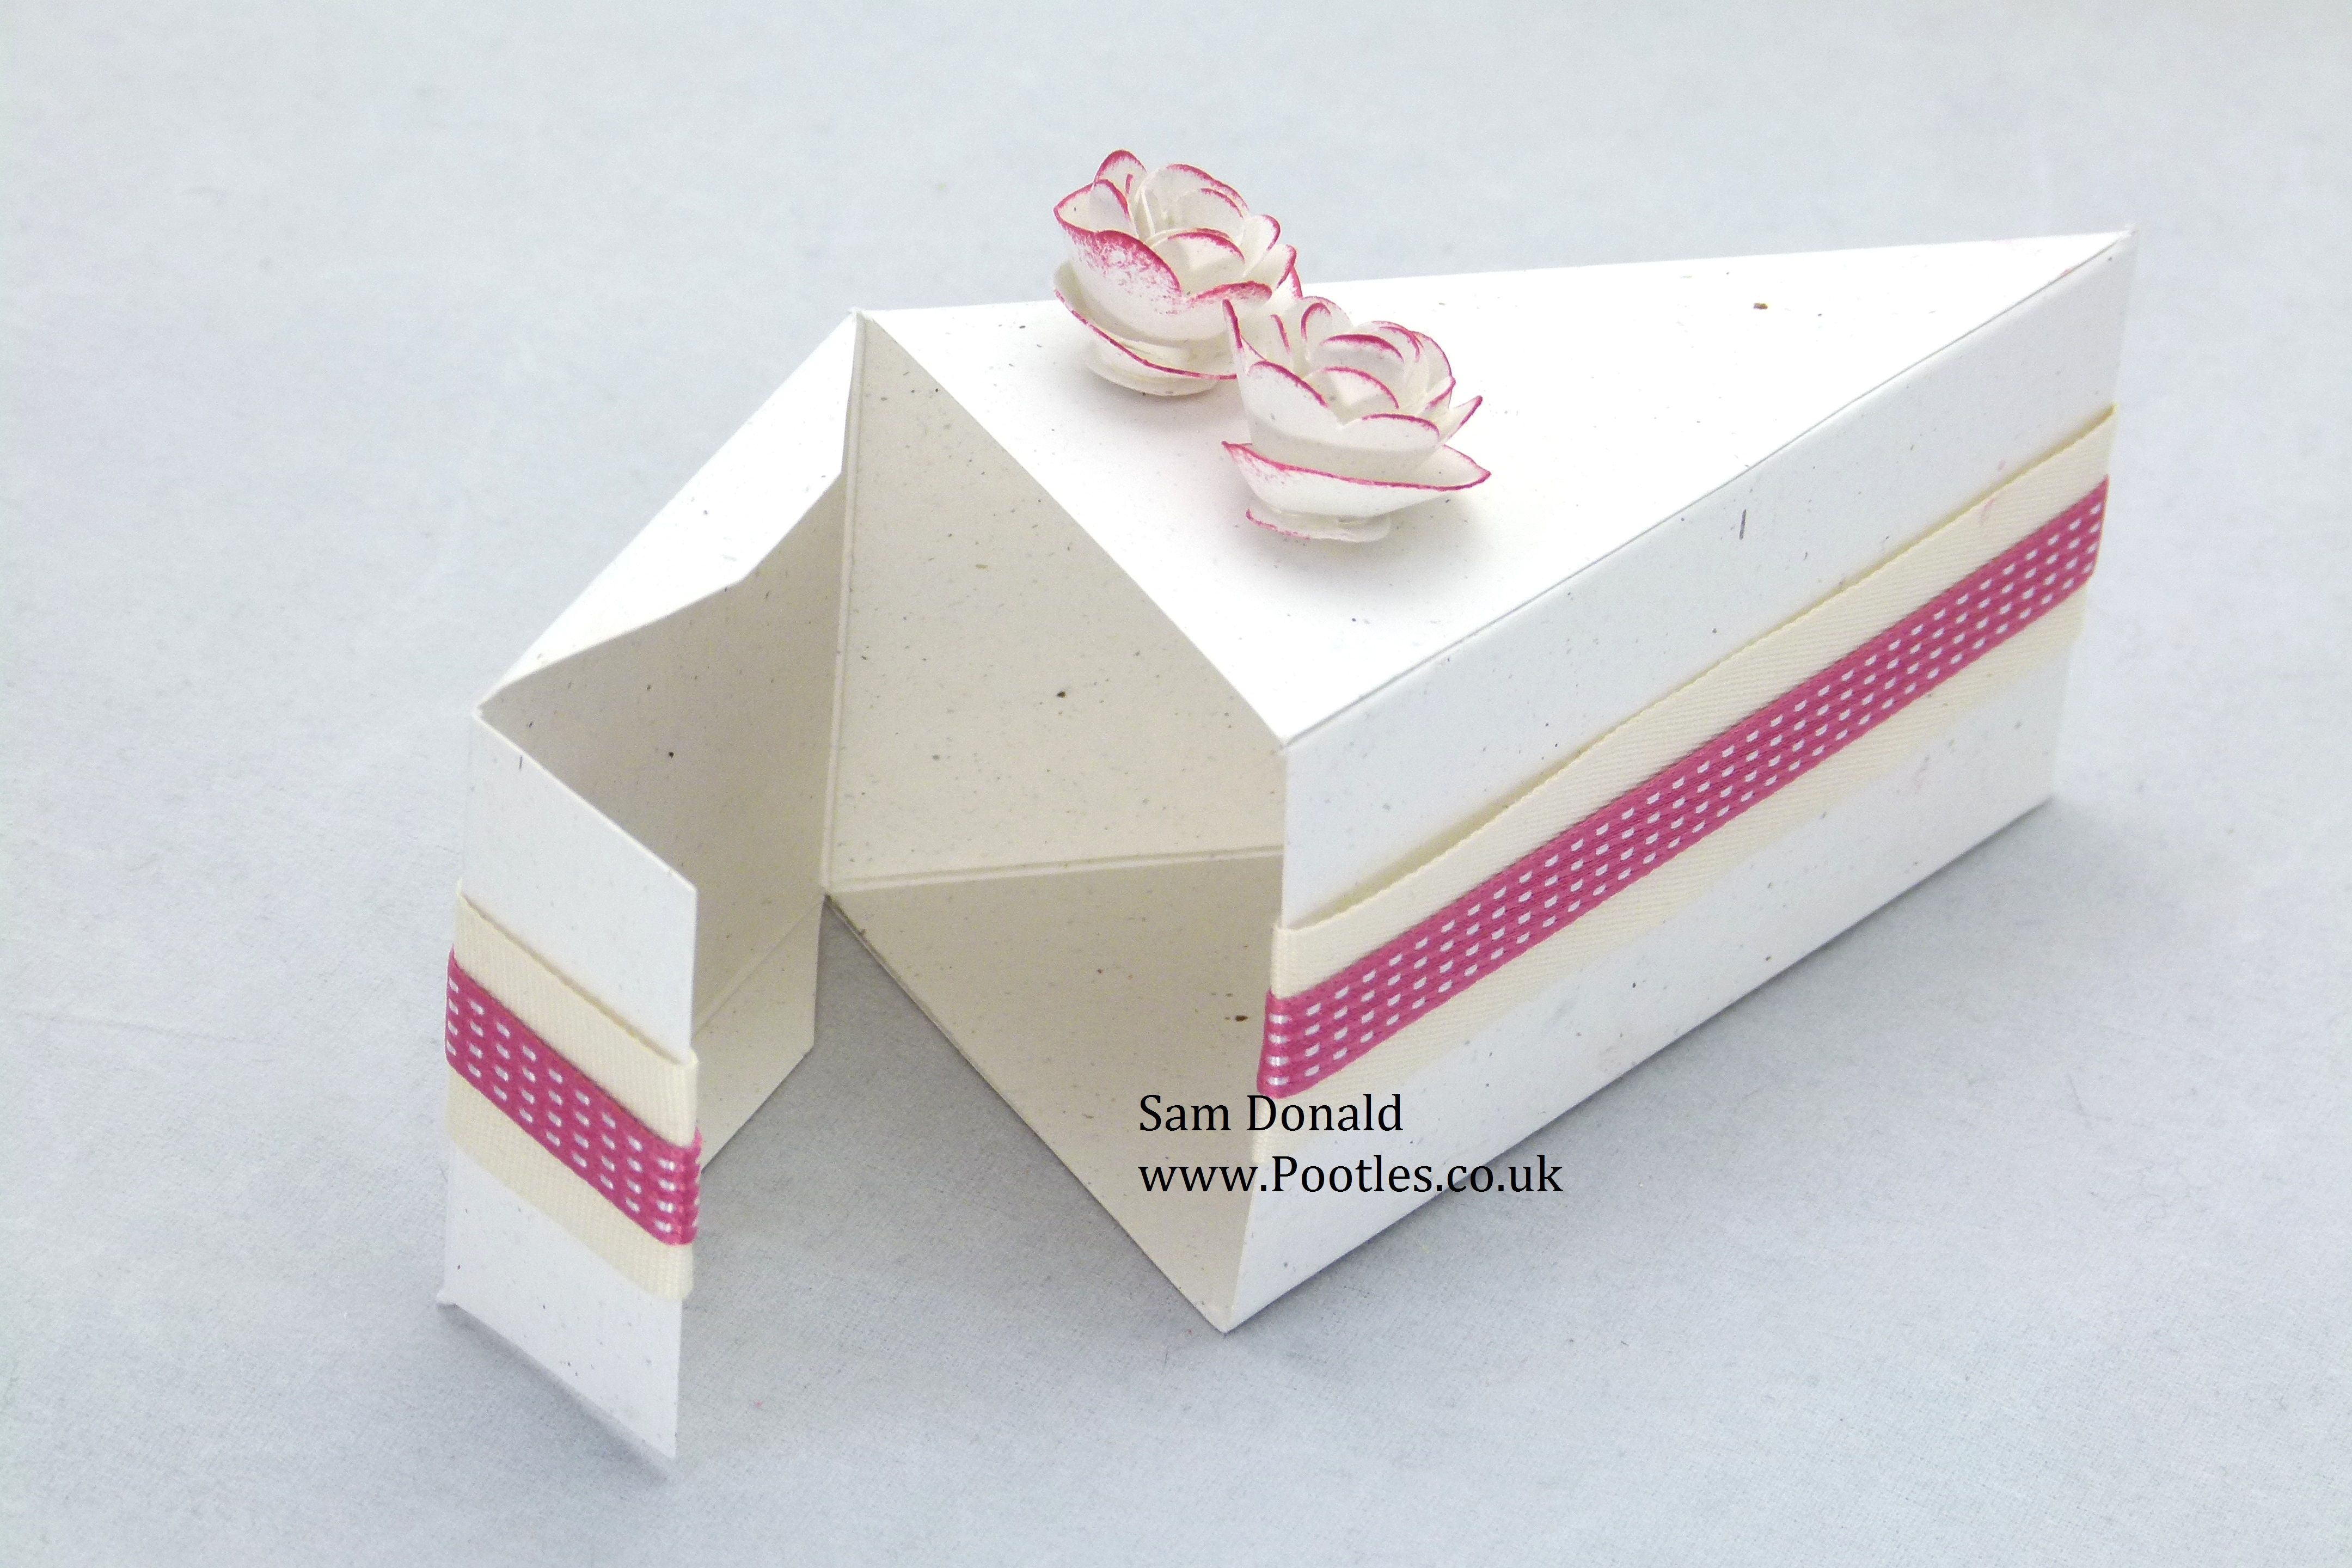 Stampin Up Cake Slice Box Video Cajas De Regalo Cajas Cajas Para Regalar